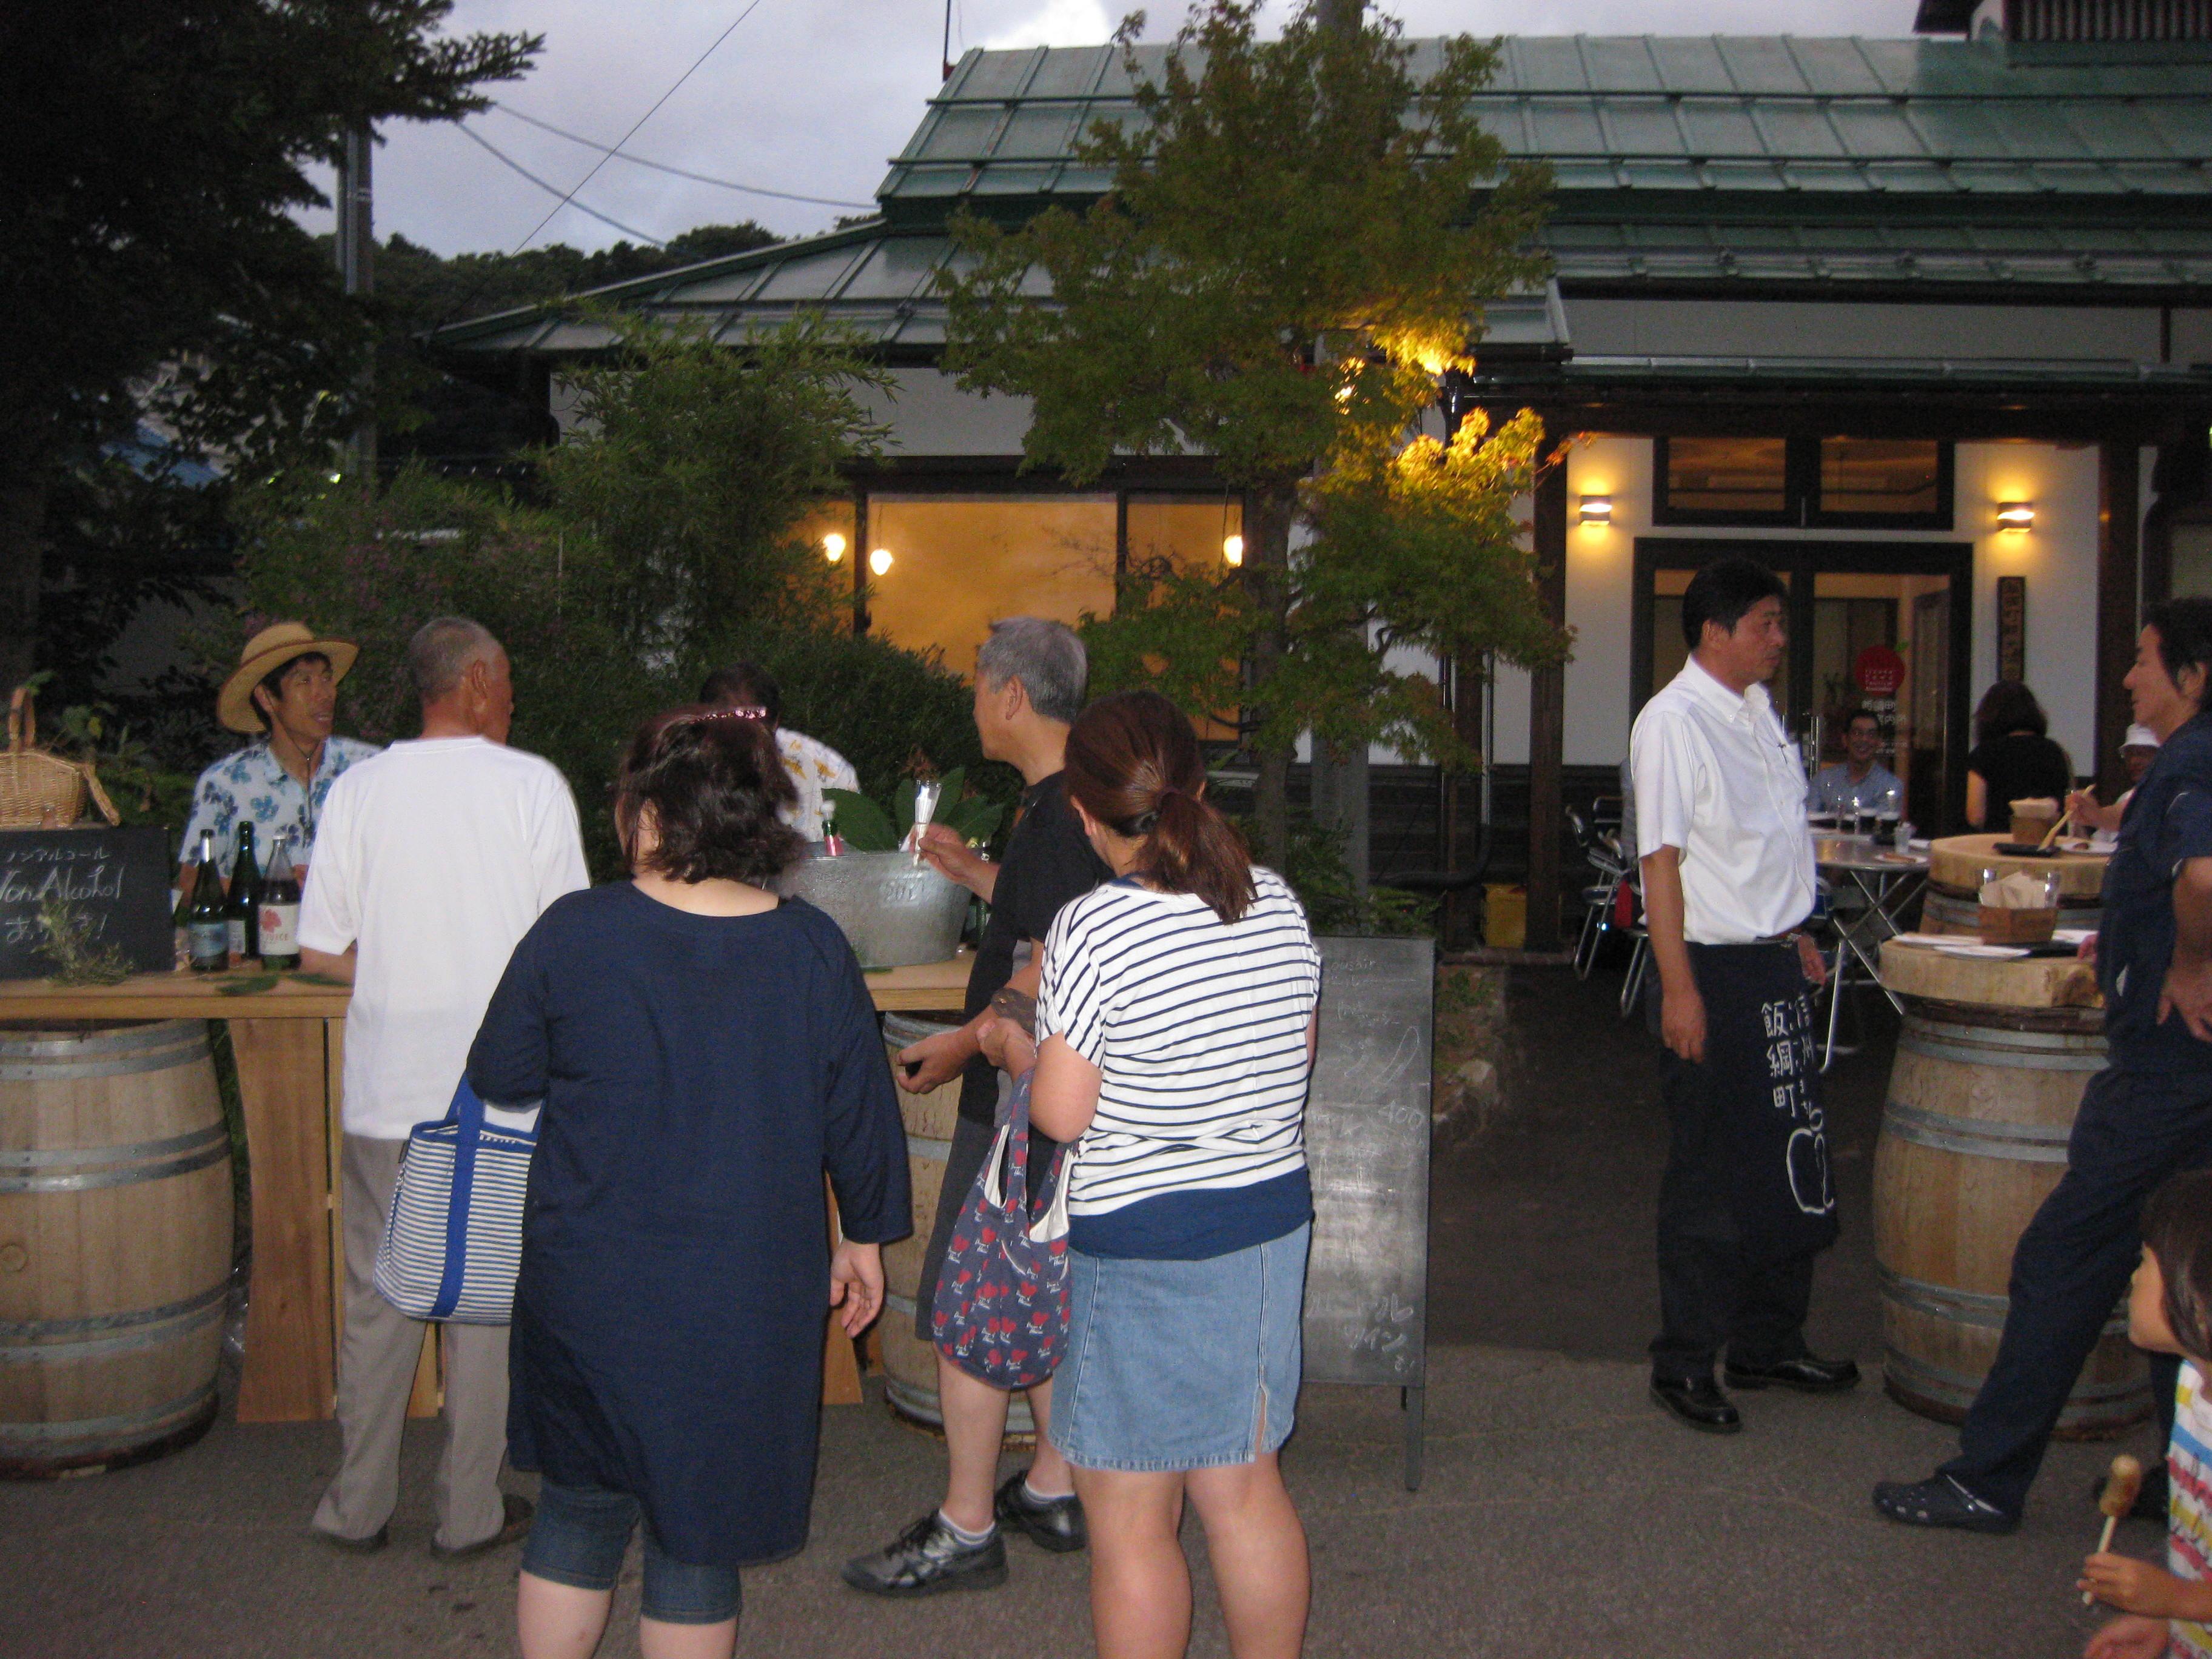 【終了いたしました】岩崎観音四万八千日縁日<br />「牟礼駅前にサンクゼールのワインバーがオープン」